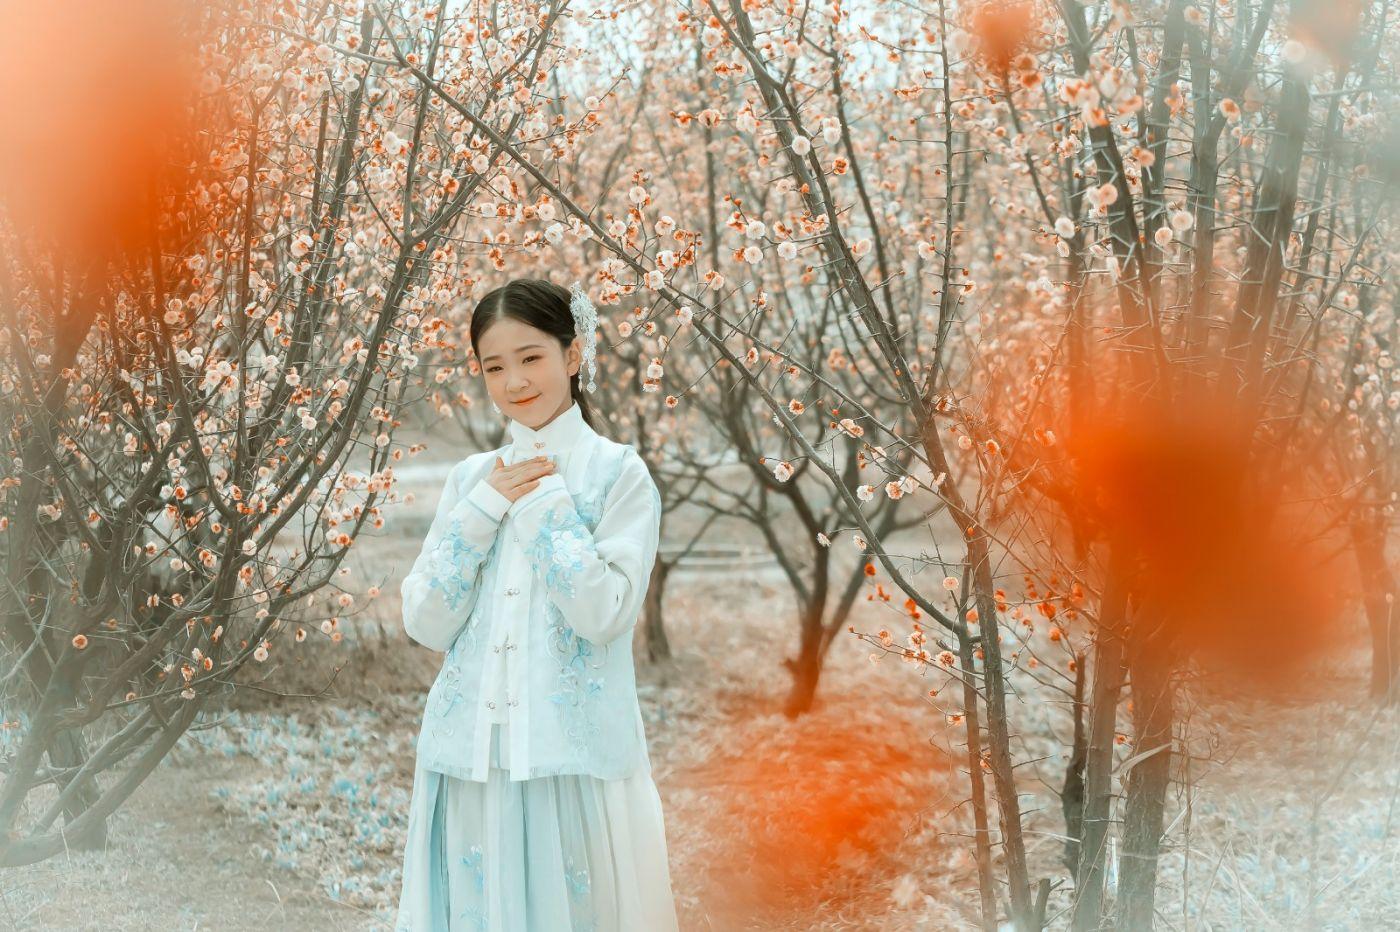 小长今伏怡宁费县游园 惊起一滩鸥鹭 众多摄影人争相拍摄_图1-25